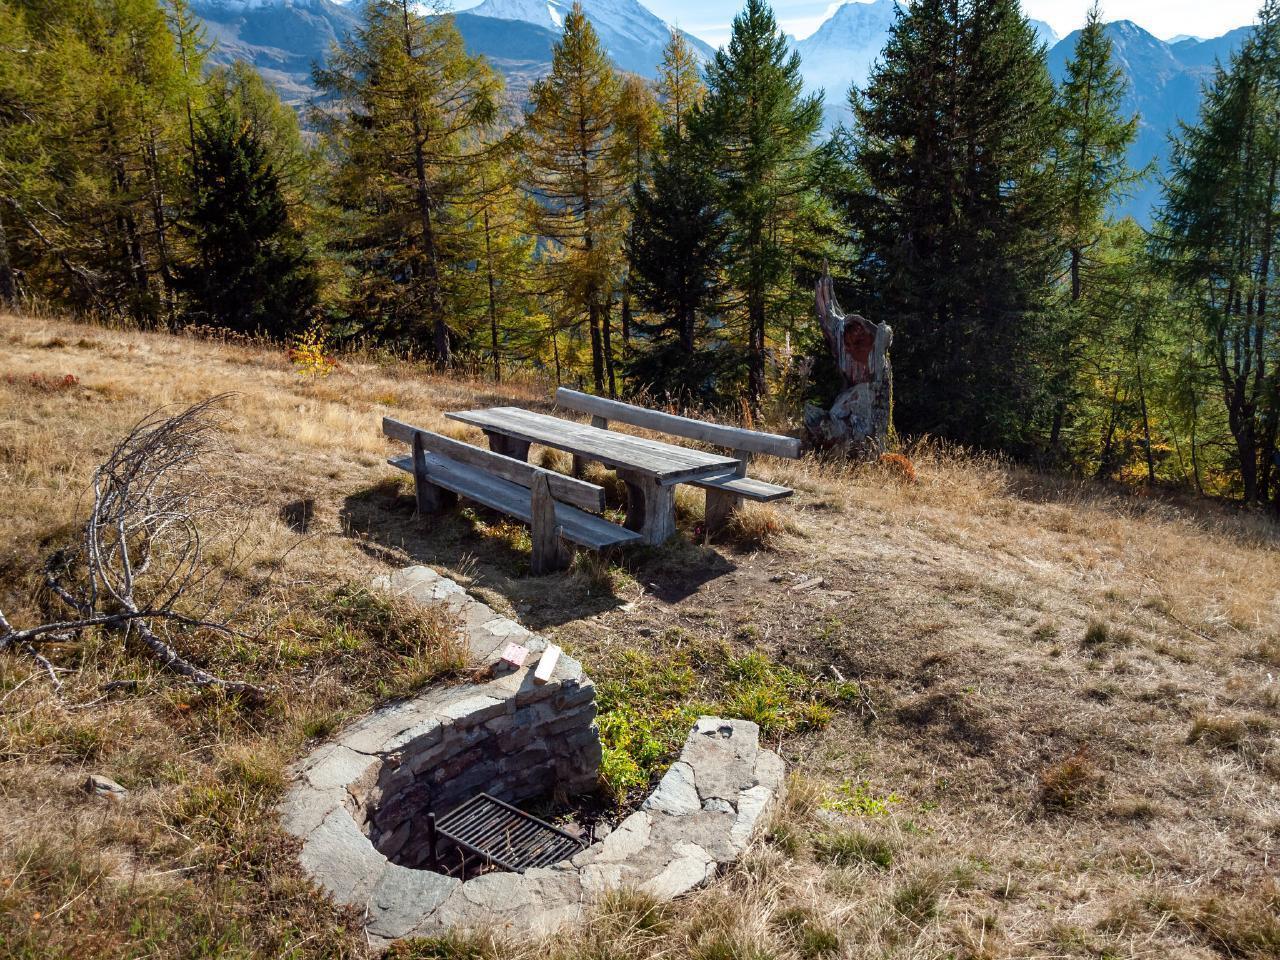 Ferienwohnung Chalet Bergfink | Ferienwohnung in den Walliser Bergen auf Rosswald (2311758), Rosswald, Brig - Simplon, Wallis, Schweiz, Bild 20